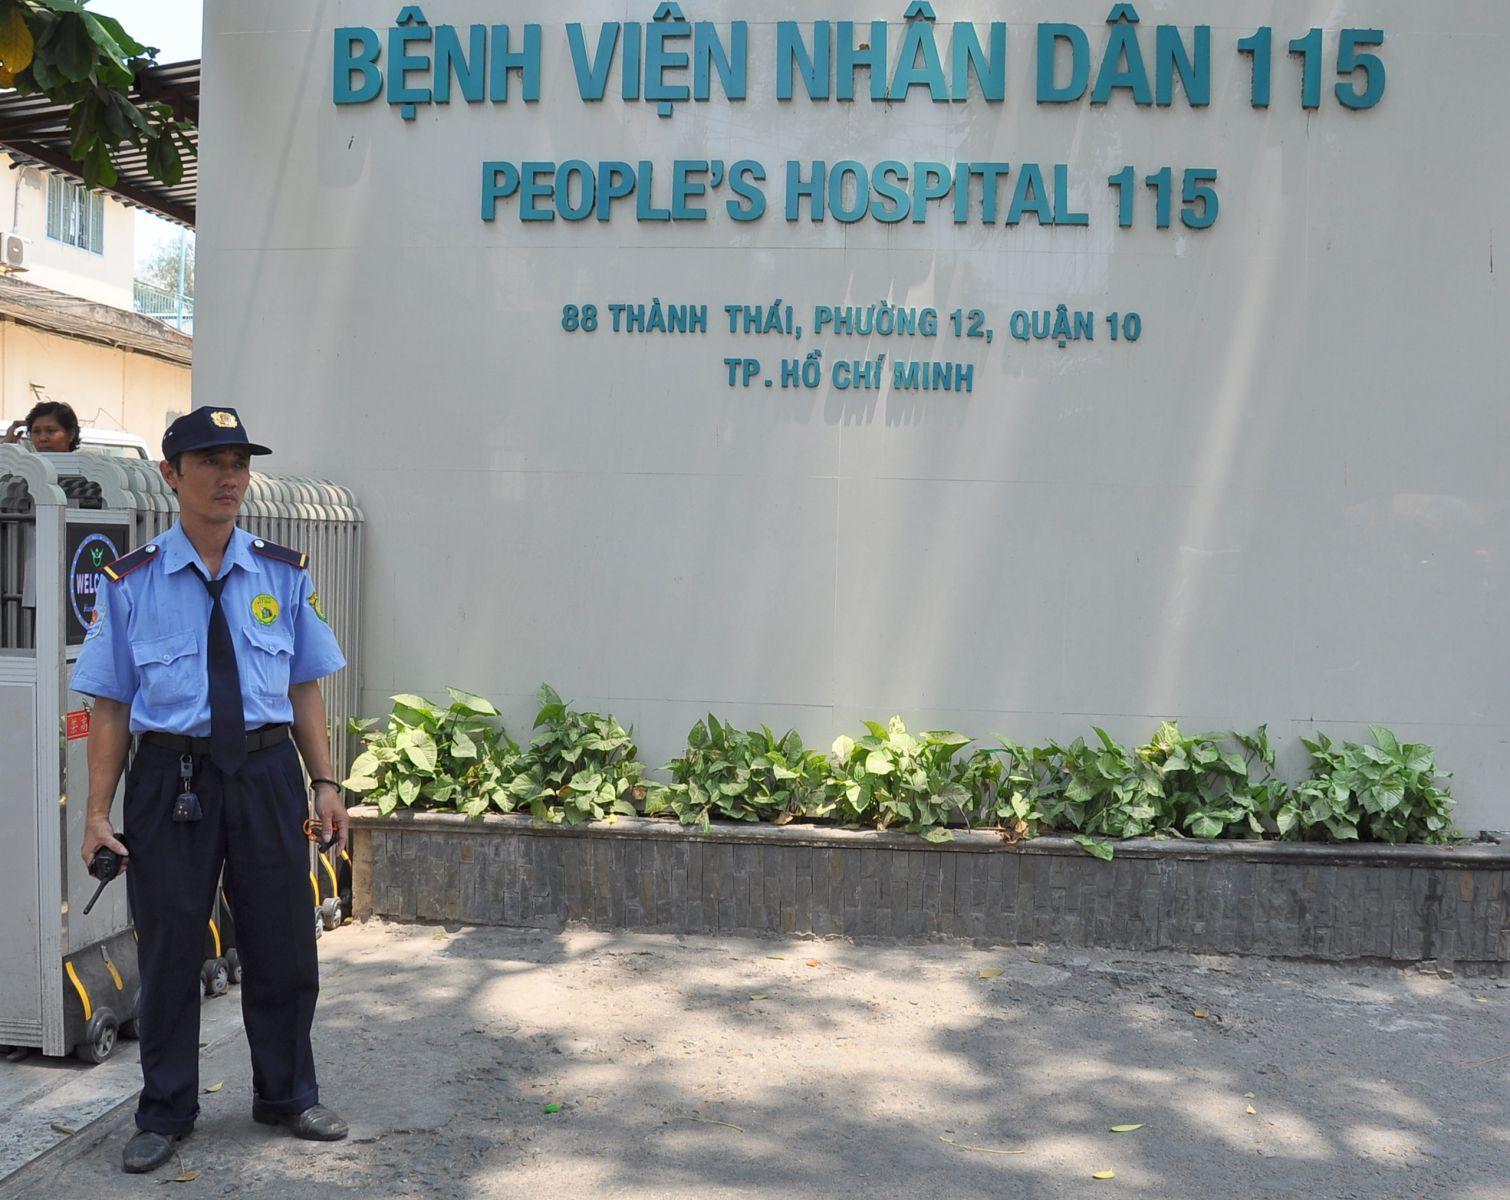 địa chỉ bệnh viện 115